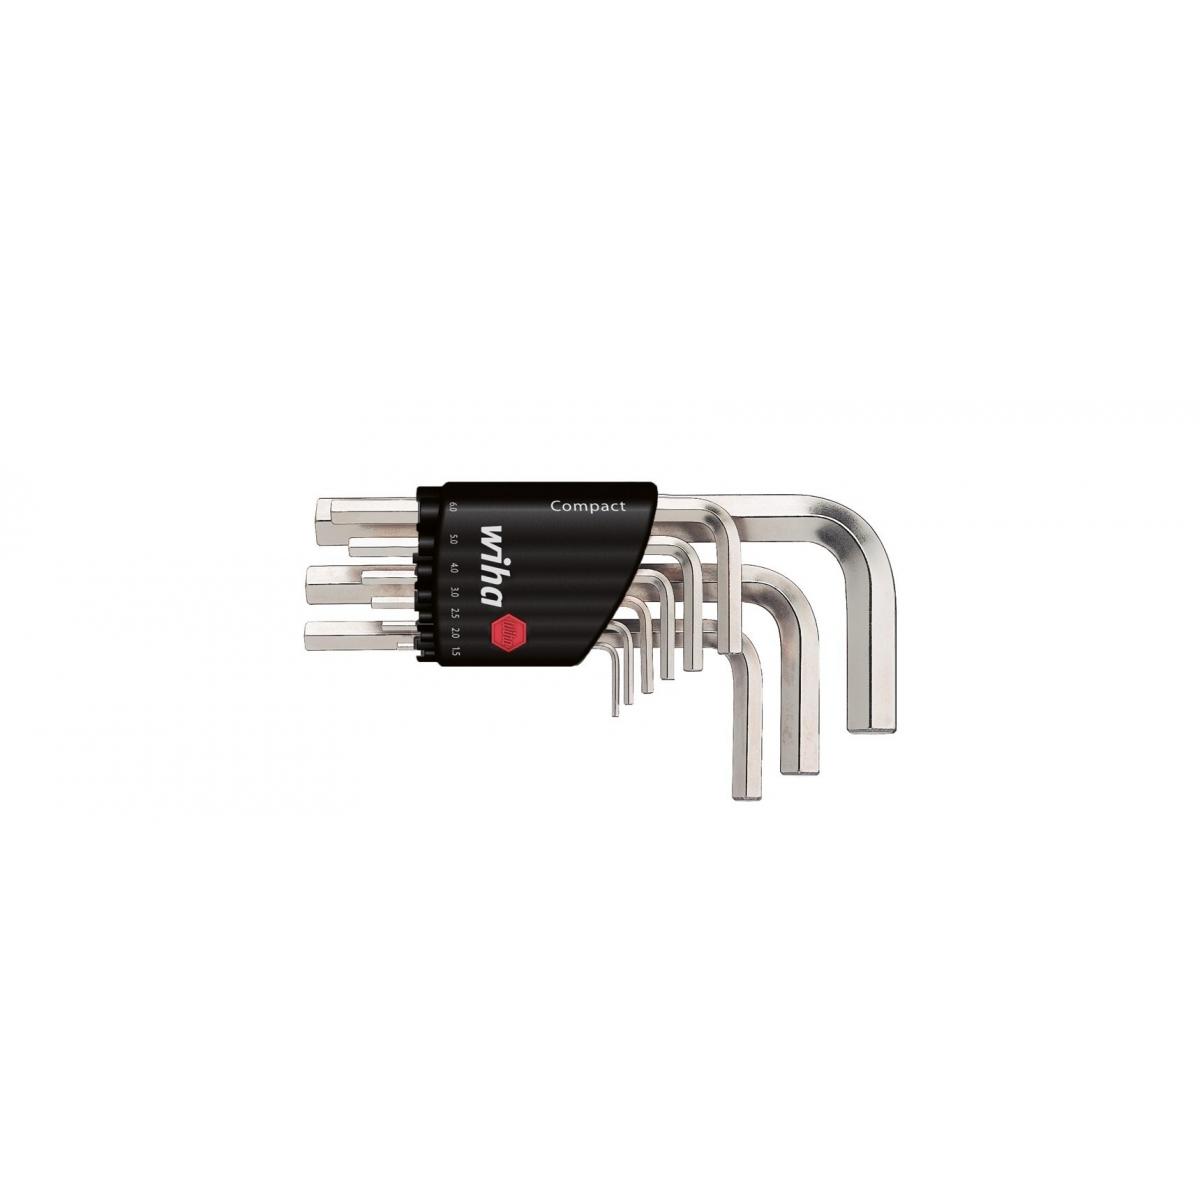 Zestaw kluczy trzpieniowych w uchwycie Compact Wiha - 03734 Zestaw kluczy trzpieniowych w uchwycie Compact Wiha - 03734